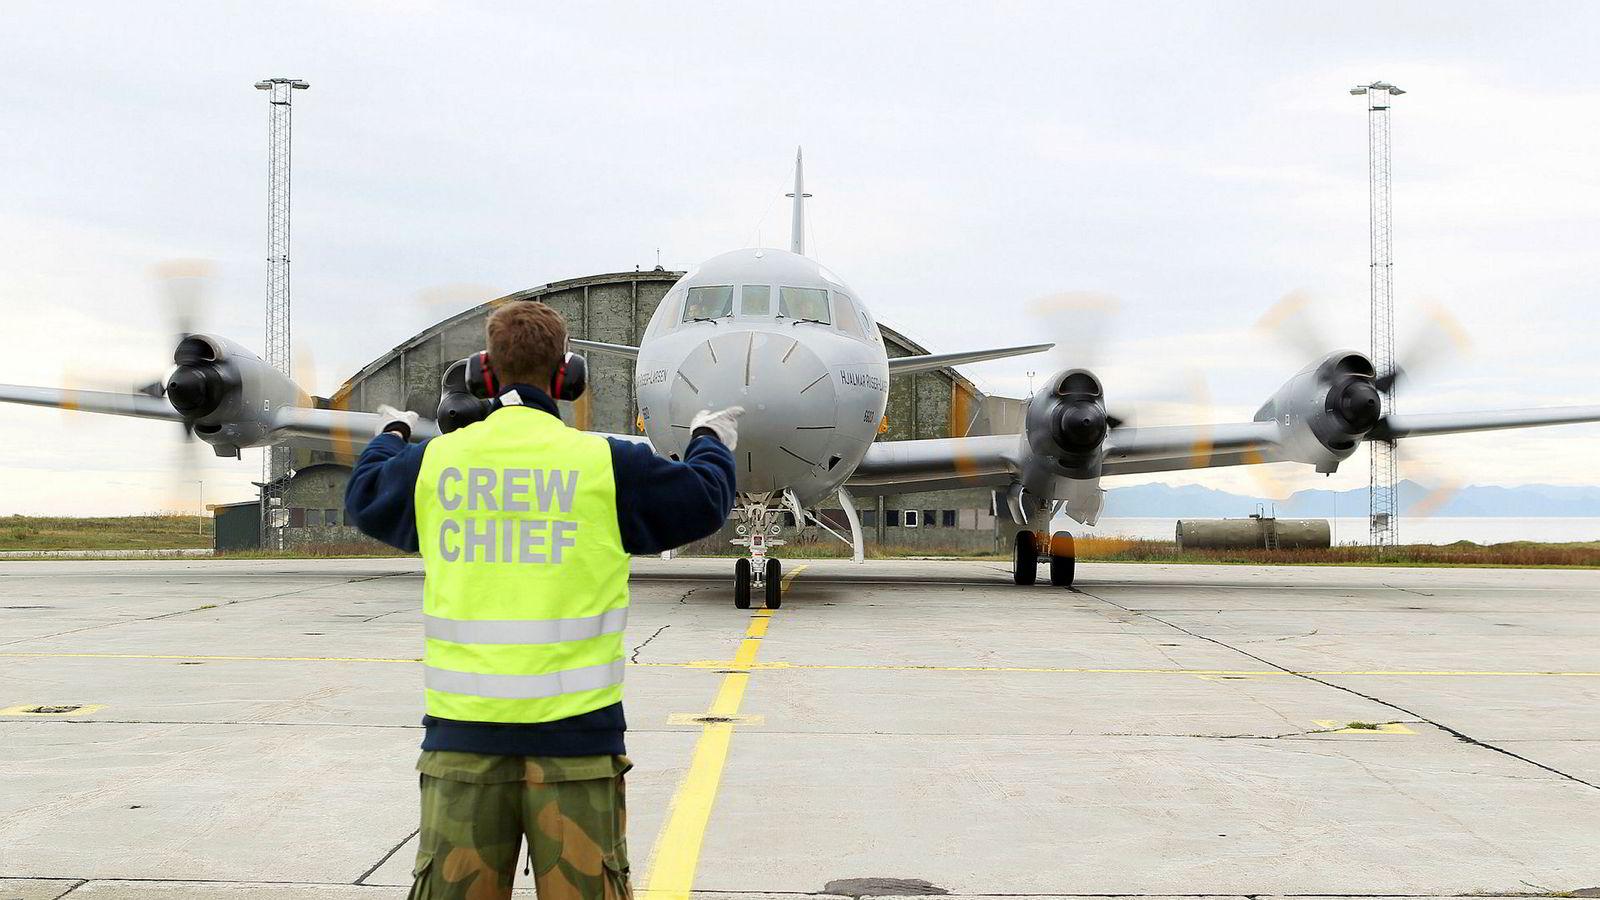 Å kjempe for de arbeidsplassene en lokal militærleir gir, har langsiktige negative konsekvenser også distriktspolitisk, ifølge innleggsforfatteren. Bildet er fra Andøya, en av militærbasene som ble blinket ut for utfasing i regjeringens langtidsplan for forsvarssektoren.